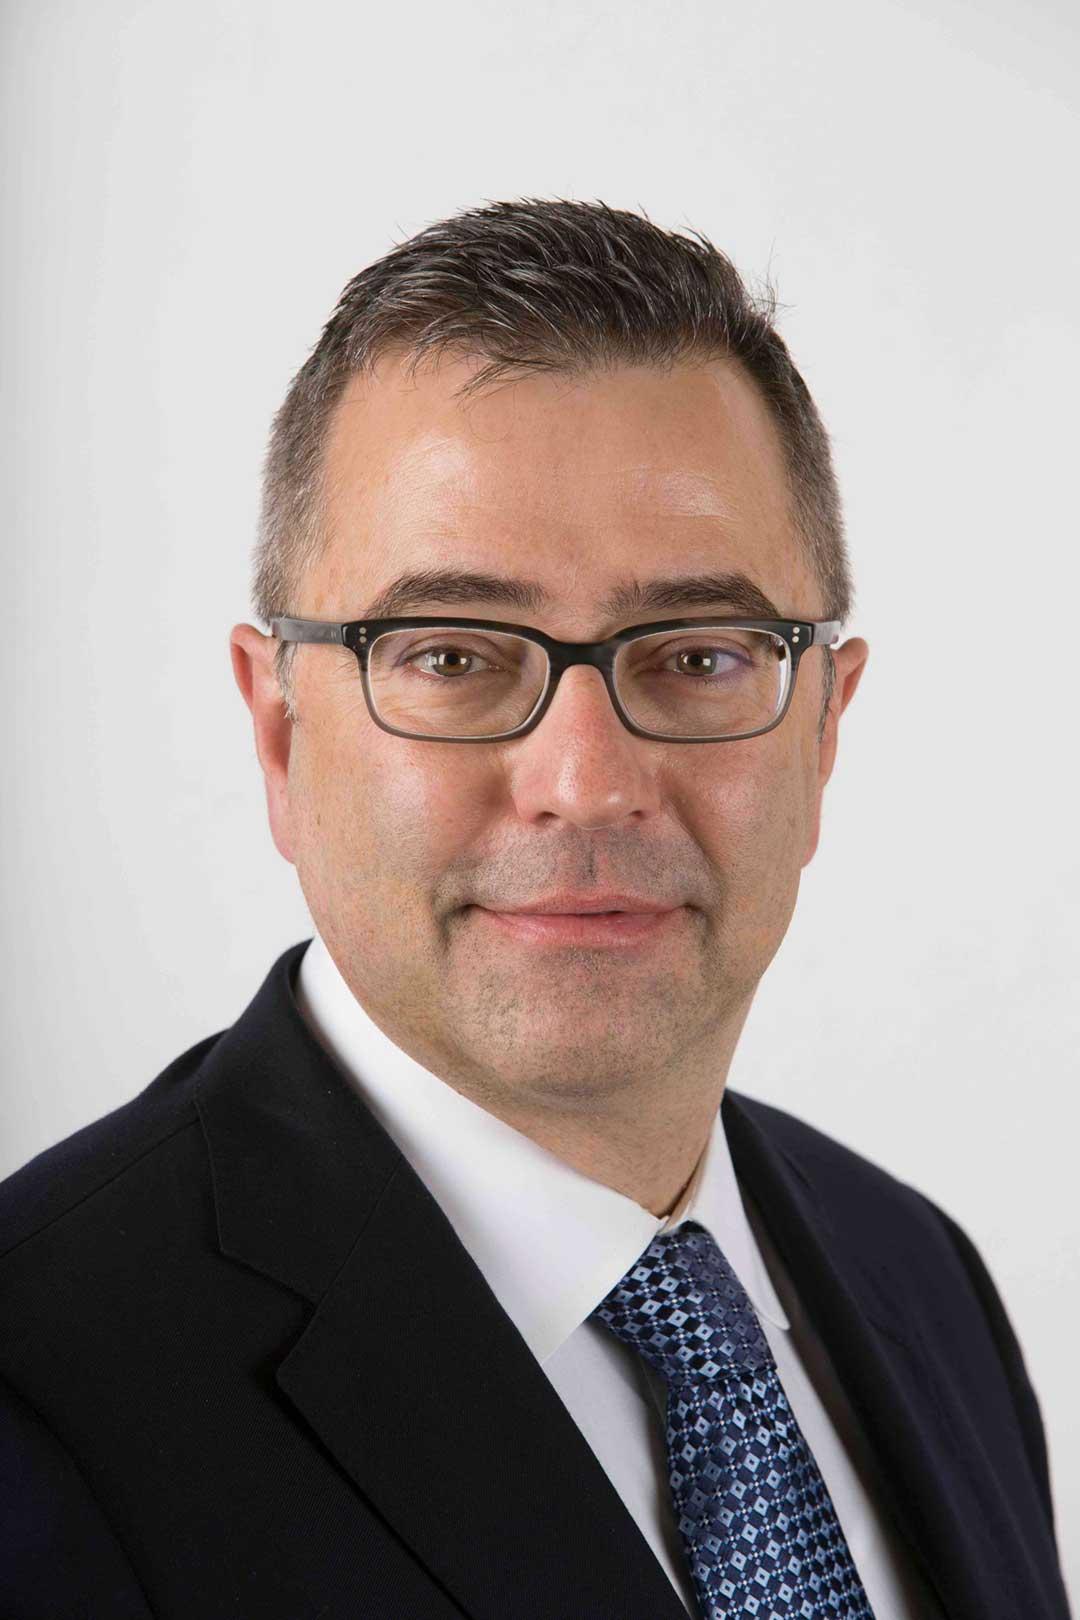 Jeff Whisenant